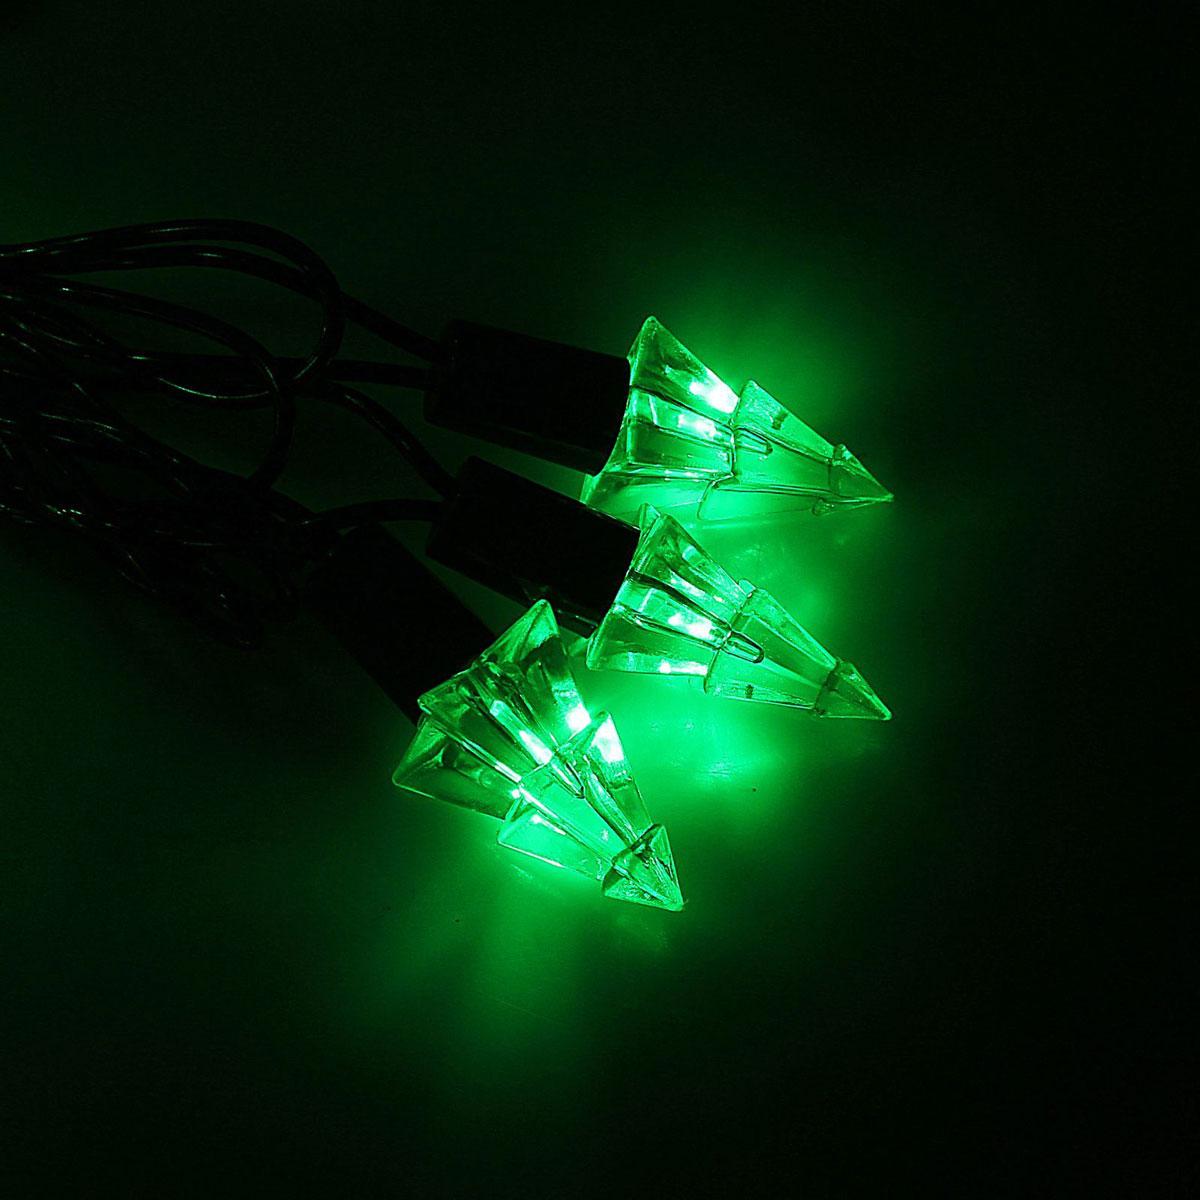 Гирлянда светодиодная Luazon Метраж. Елка маленькая, уличная с насадкой, 8 режимов, 40 ламп, 220 V, 5 м, цвет: зеленый. 10800931080093Светодиодные гирлянды, ленты и т.д. — это отличный вариант для новогоднего оформления интерьера или фасада. С их помощью помещение любого размера можно превратить в праздничный зал, а внешние элементы зданий, украшенные ими, мгновенно станут напоминать очертания сказочного дворца. Такие украшения создают ауру предвкушения чуда. Деревья, фасады, витрины, окна и арки будто специально созданы, чтобы вы украсили их светящимися нитями.